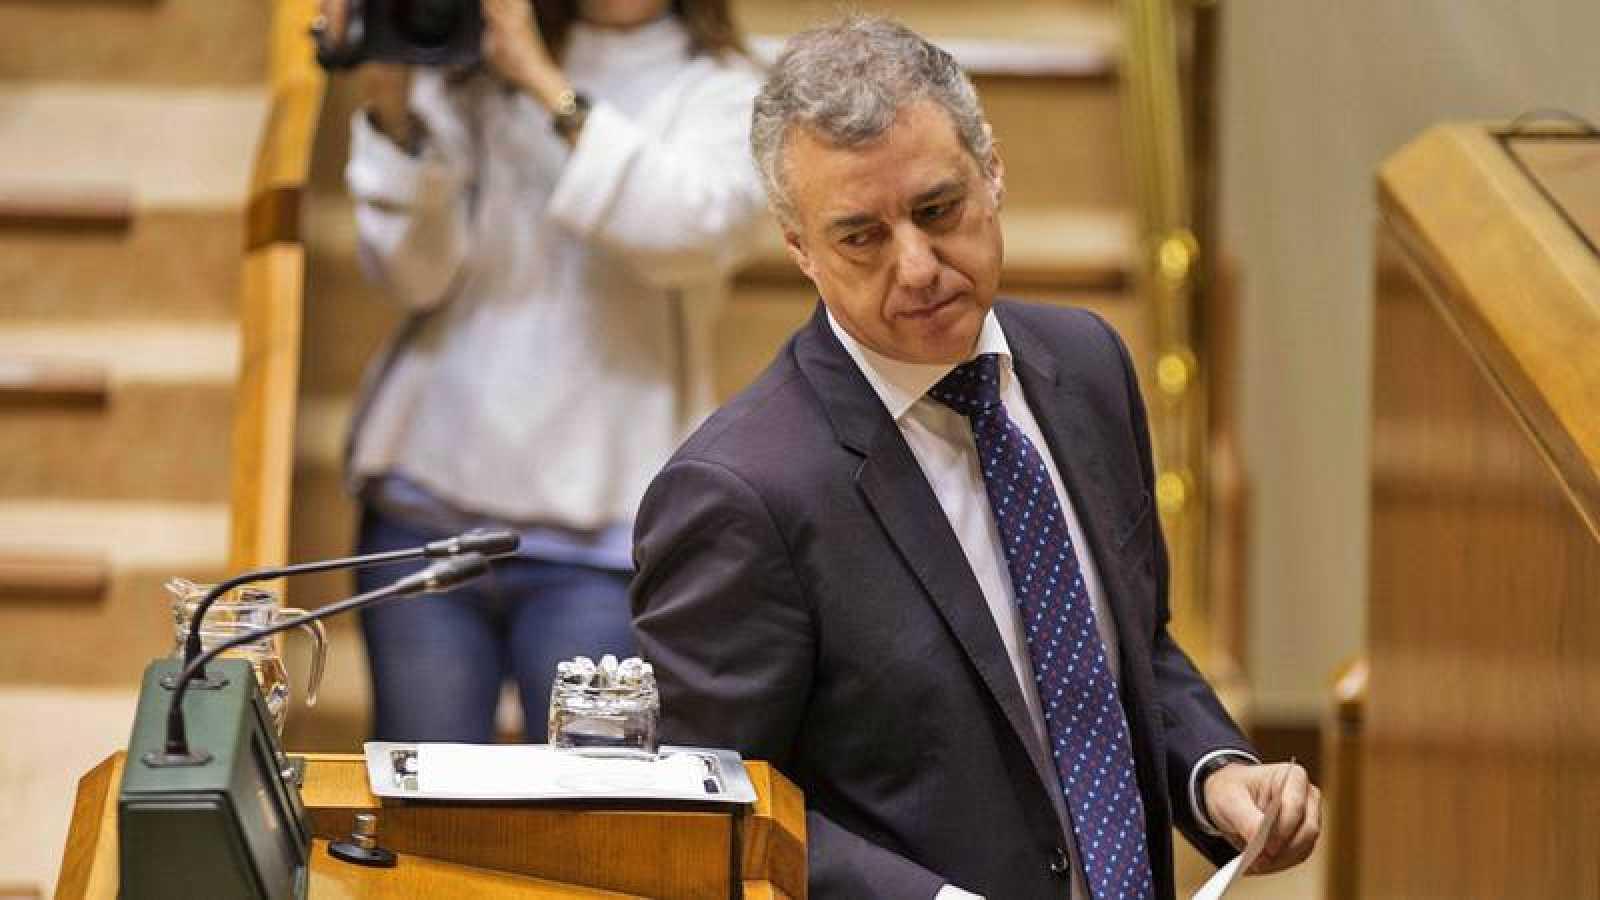 El lehendakari, Iñigo Urkullu, en el Parlamento Vasco